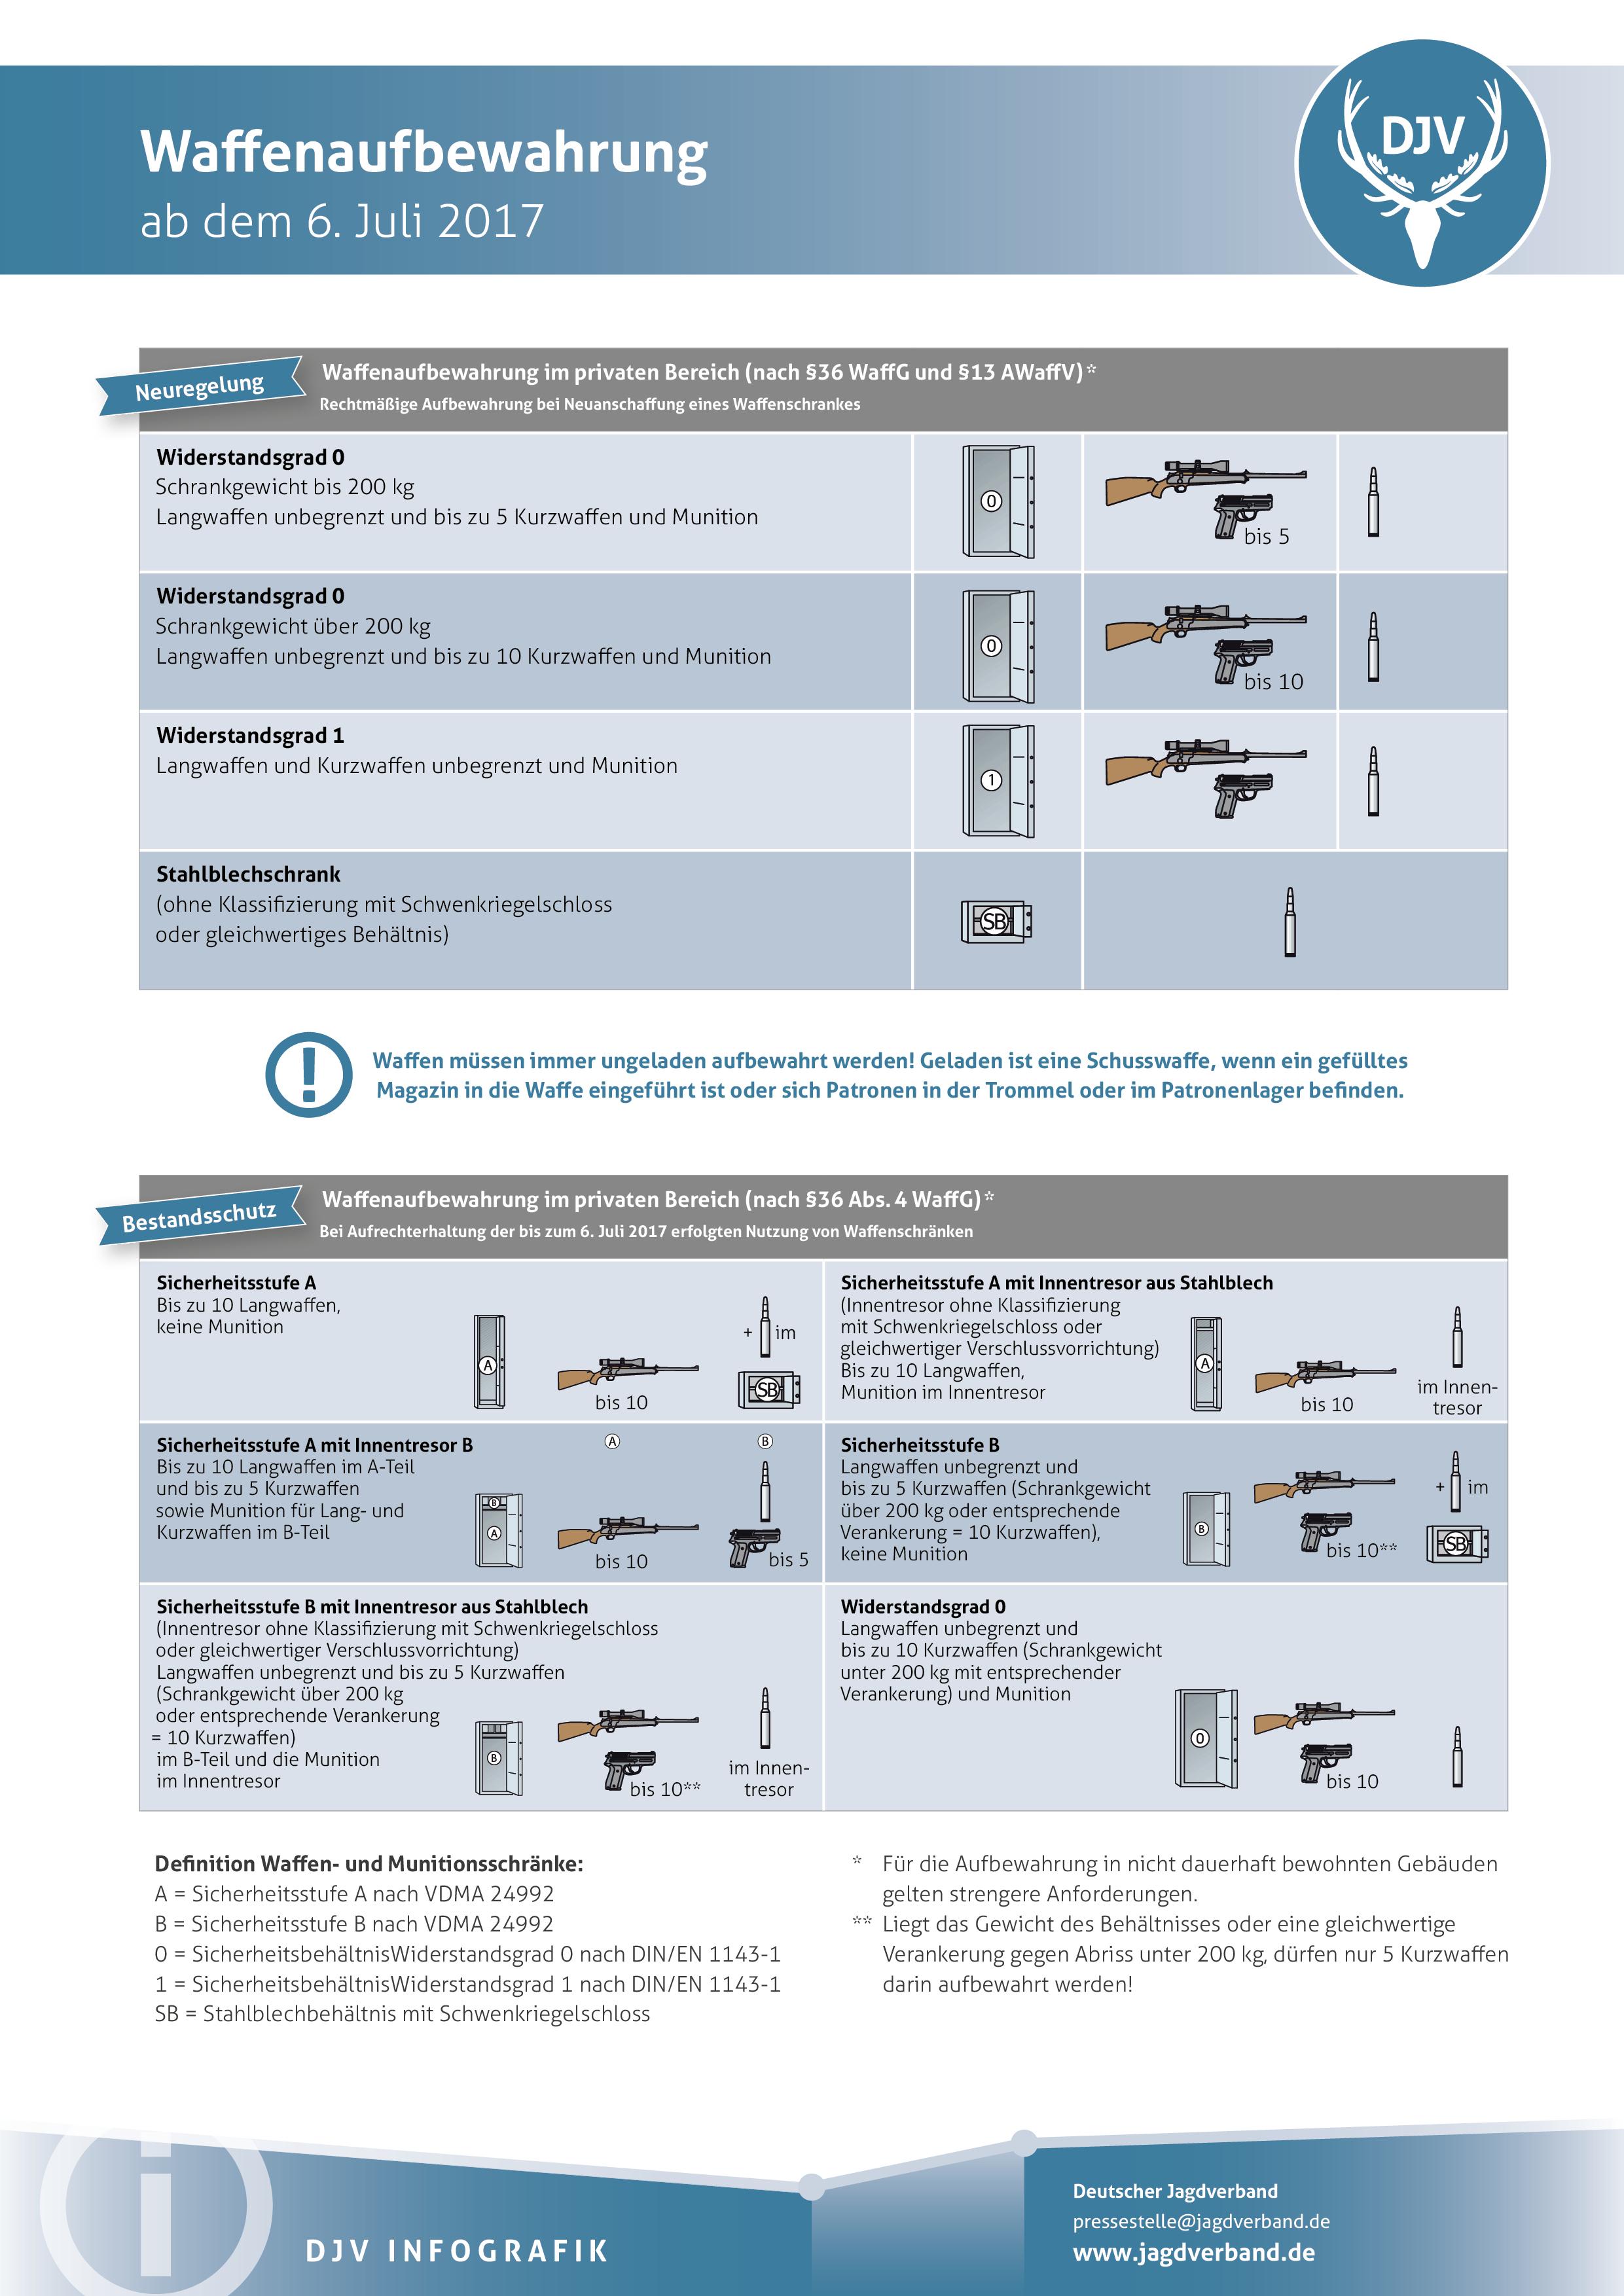 Waffenschränke: Probleme bei der Nachmeldung - Deutsche Jagdzeitung